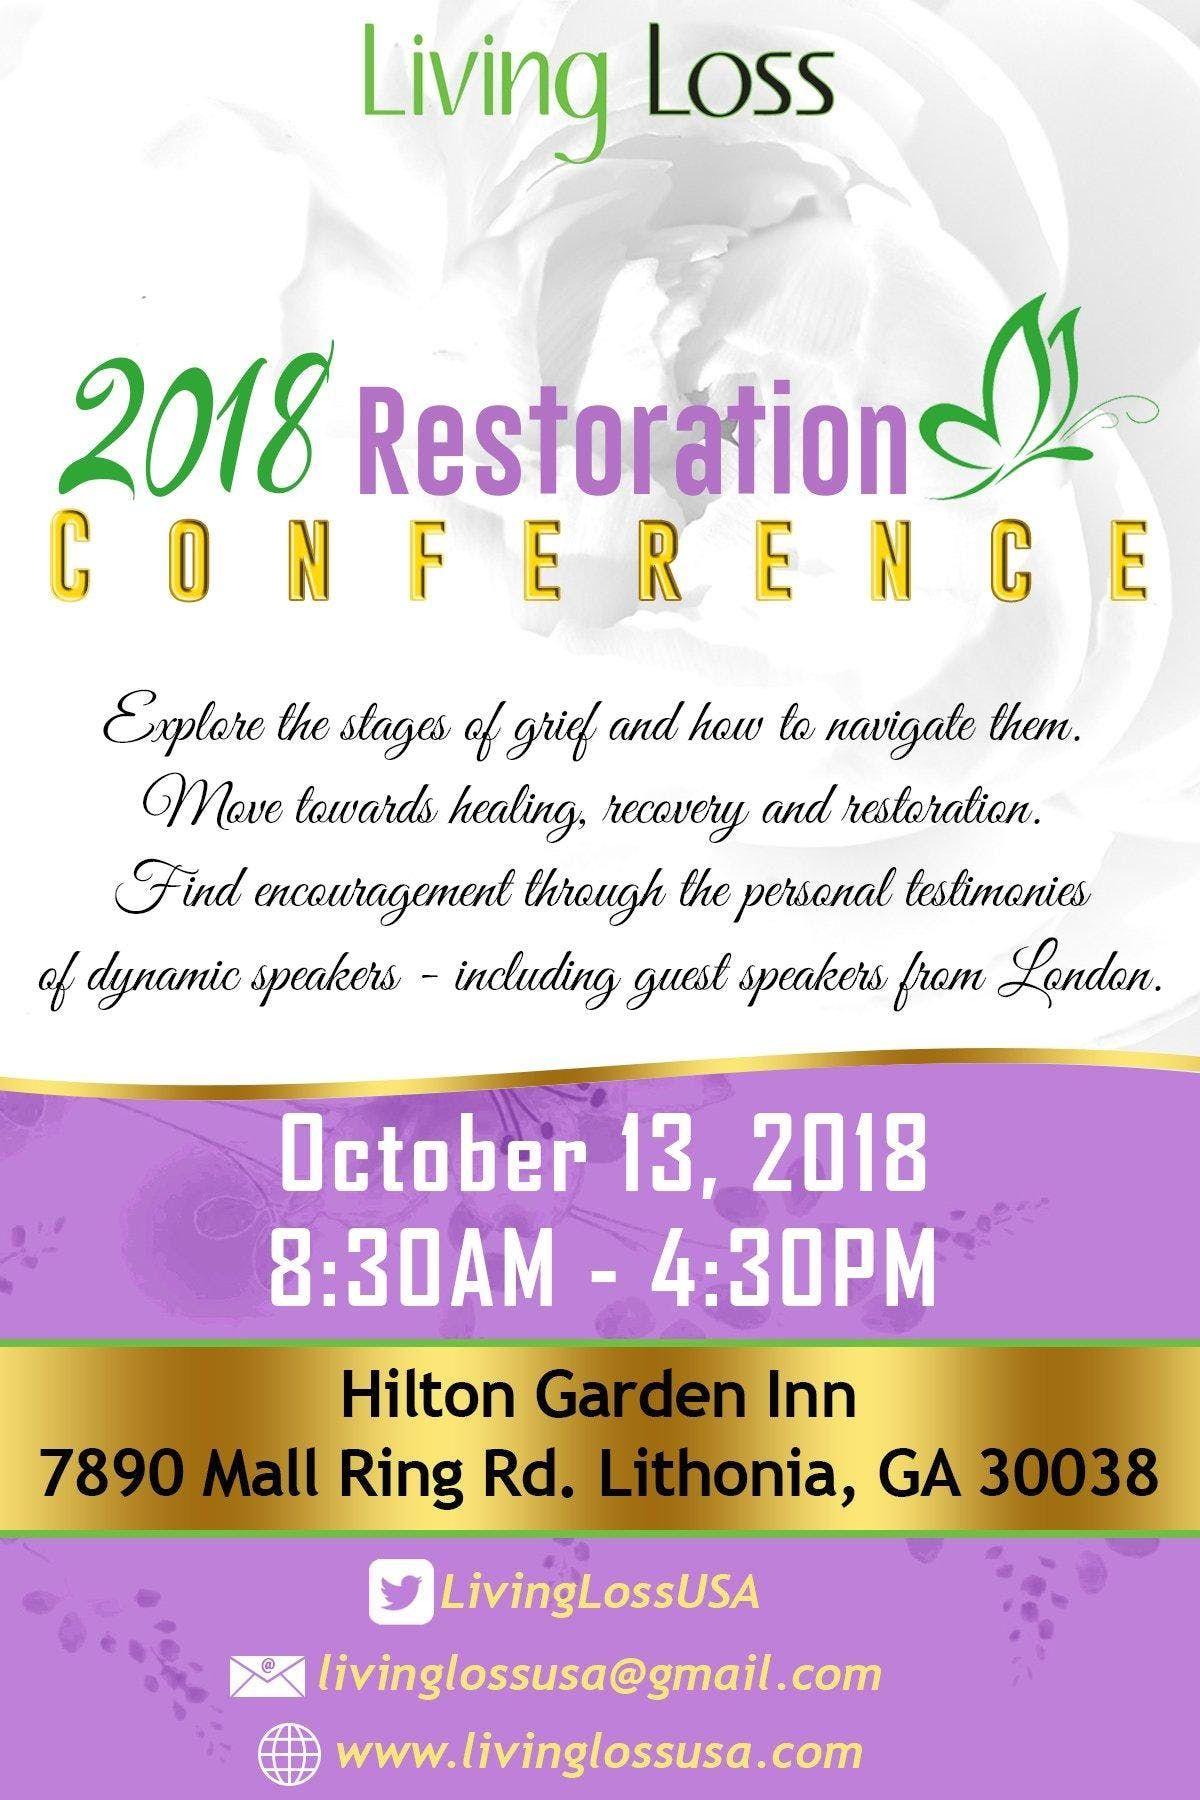 Living Loss Atlanta 2018   RESTORATION